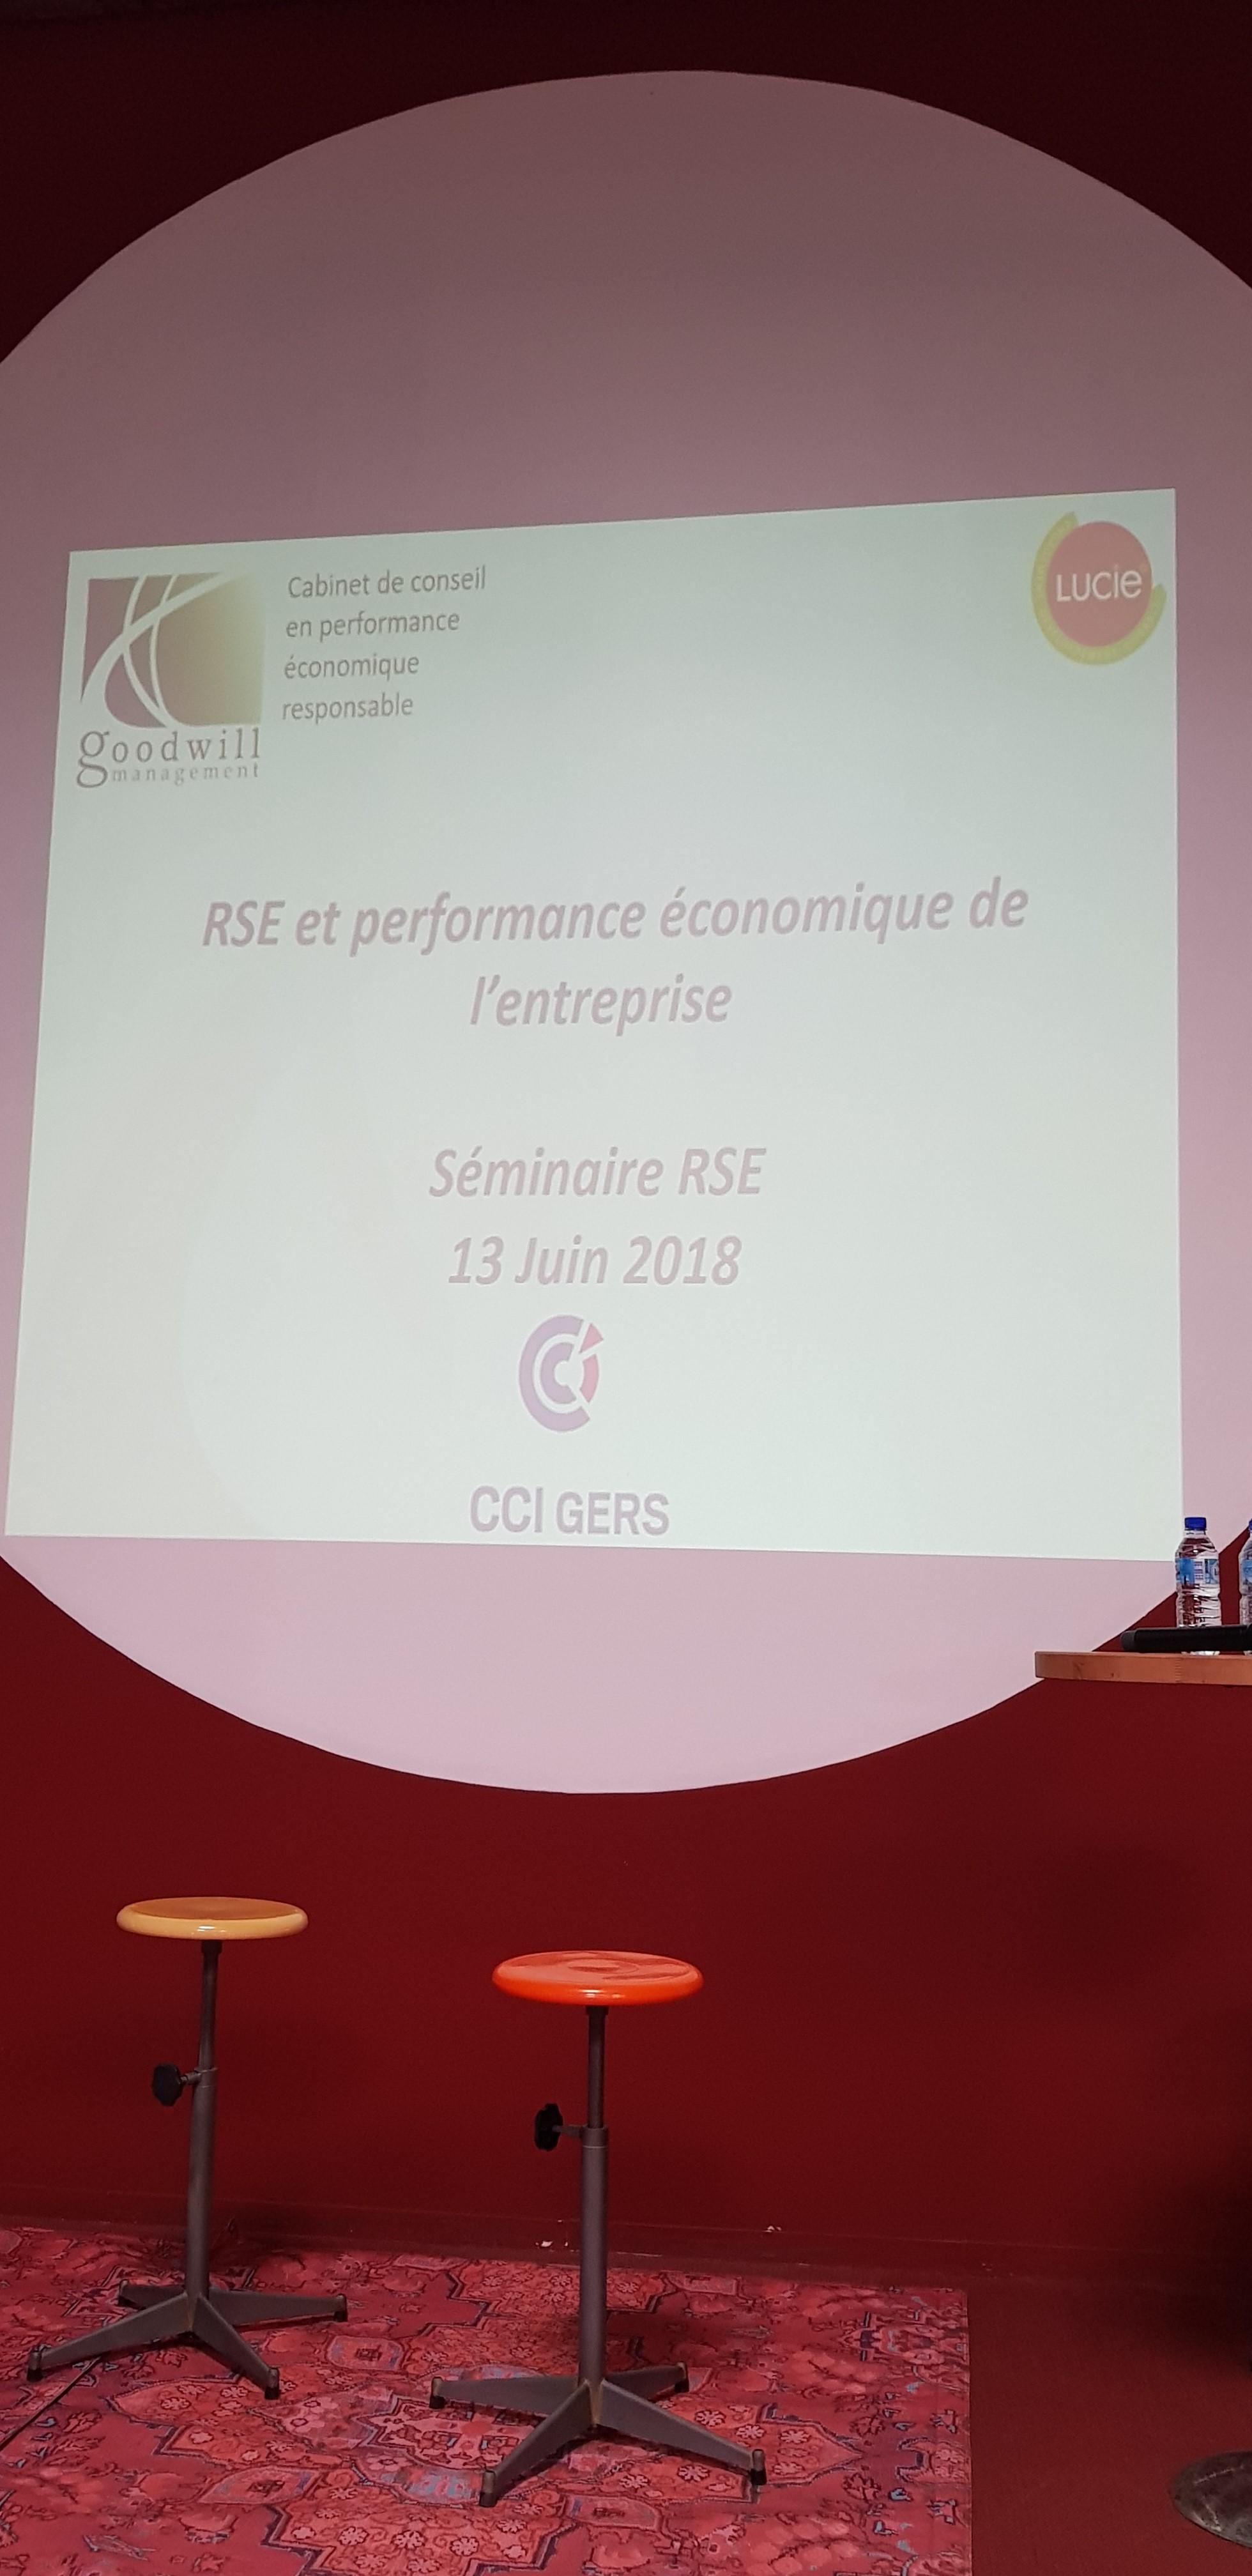 Actualités - Responsabilité Sociétale d'Entreprise - Juin 2018